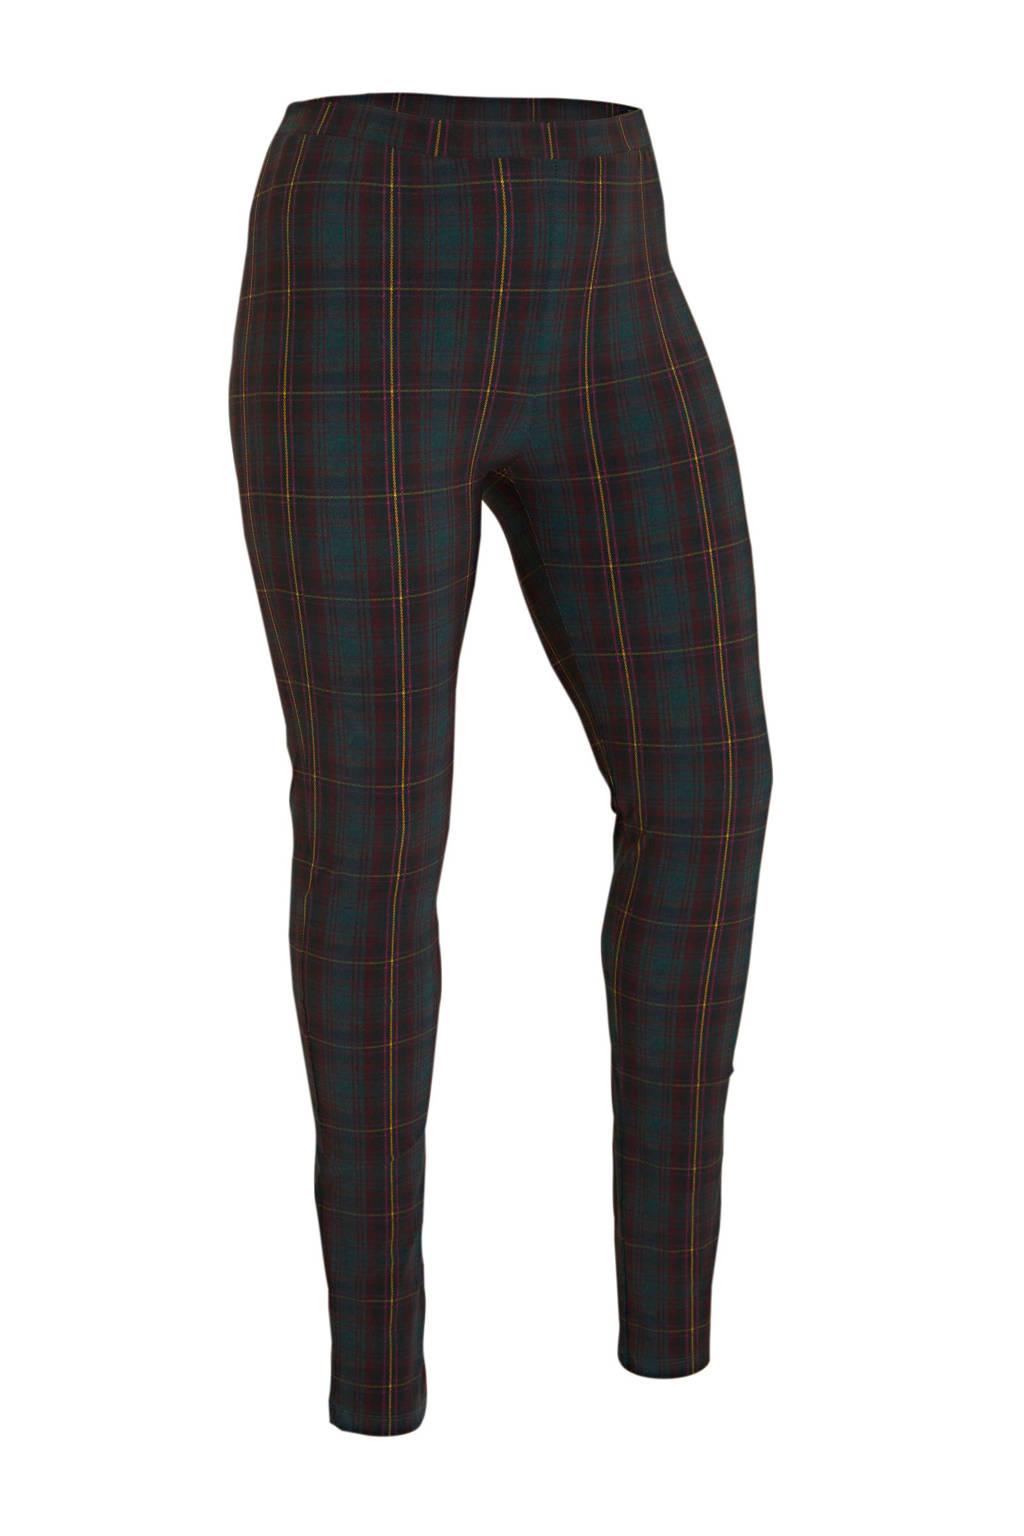 Plus Basics geruite legging in travelstof donkergroen/rood/geel, Donkergroen/rood/geel